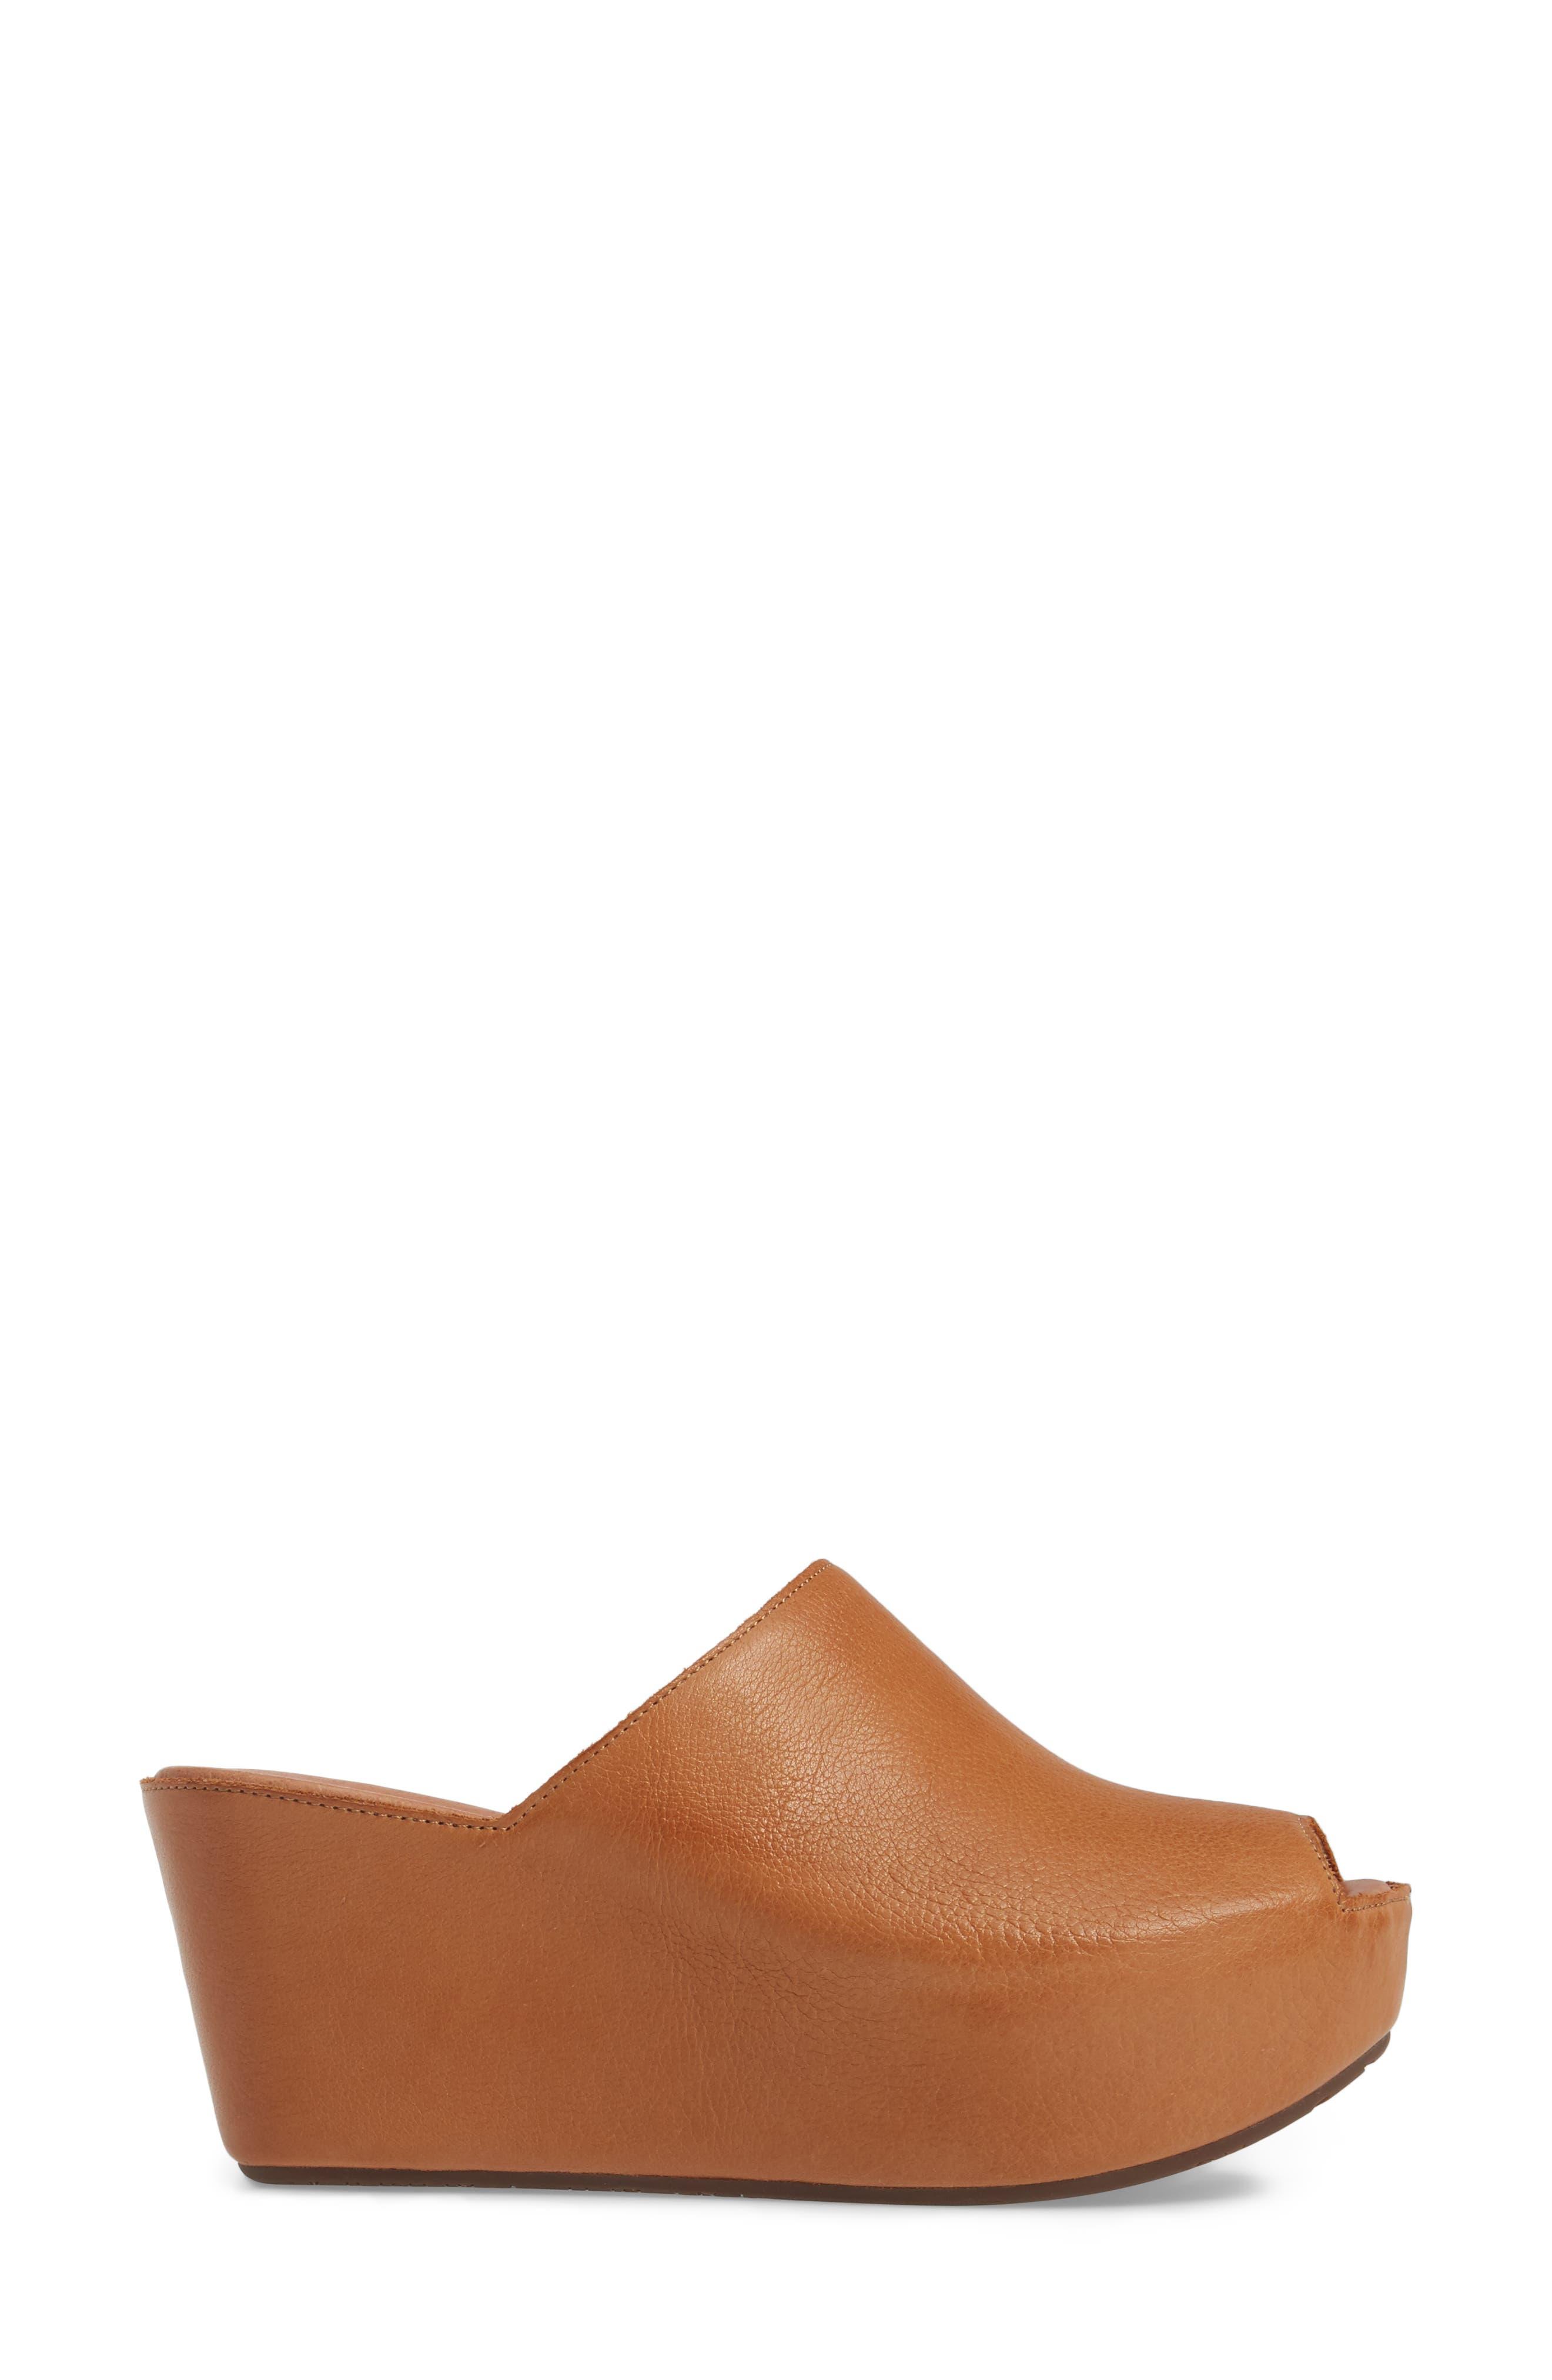 Alternate Image 3  - Chocolat Blu Willa Platform Wedge Mule (Women)